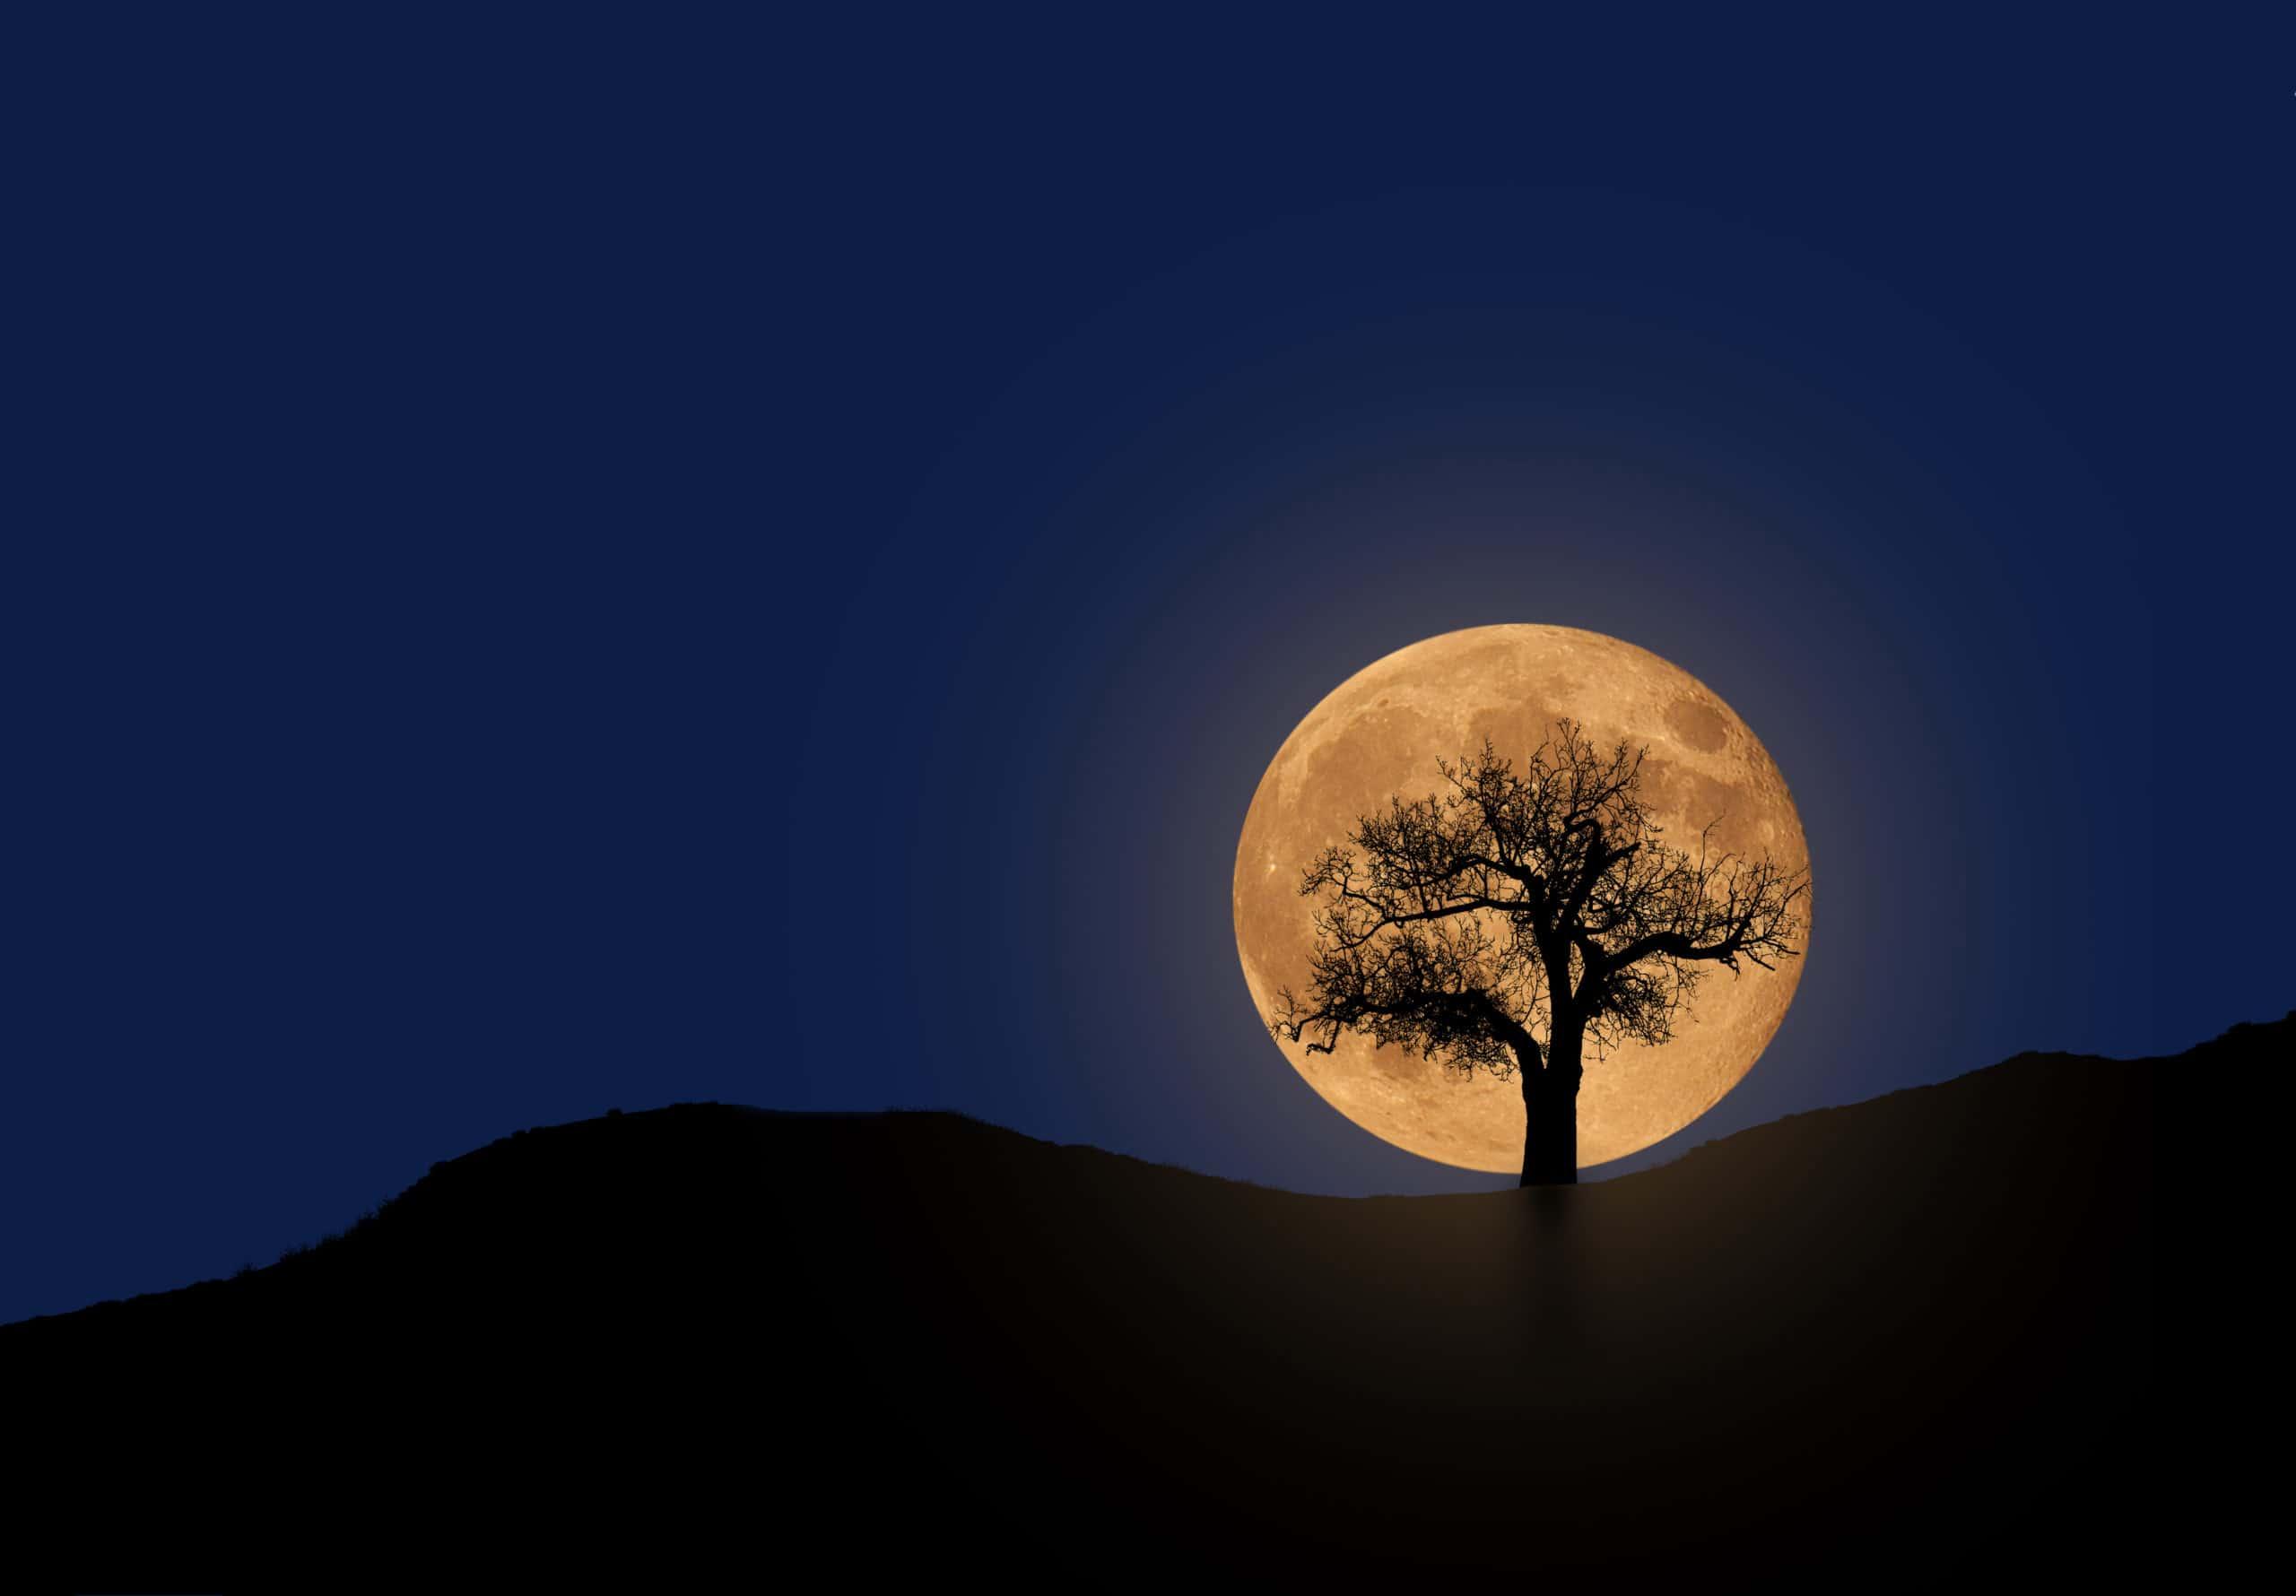 Folk names for Full Moons